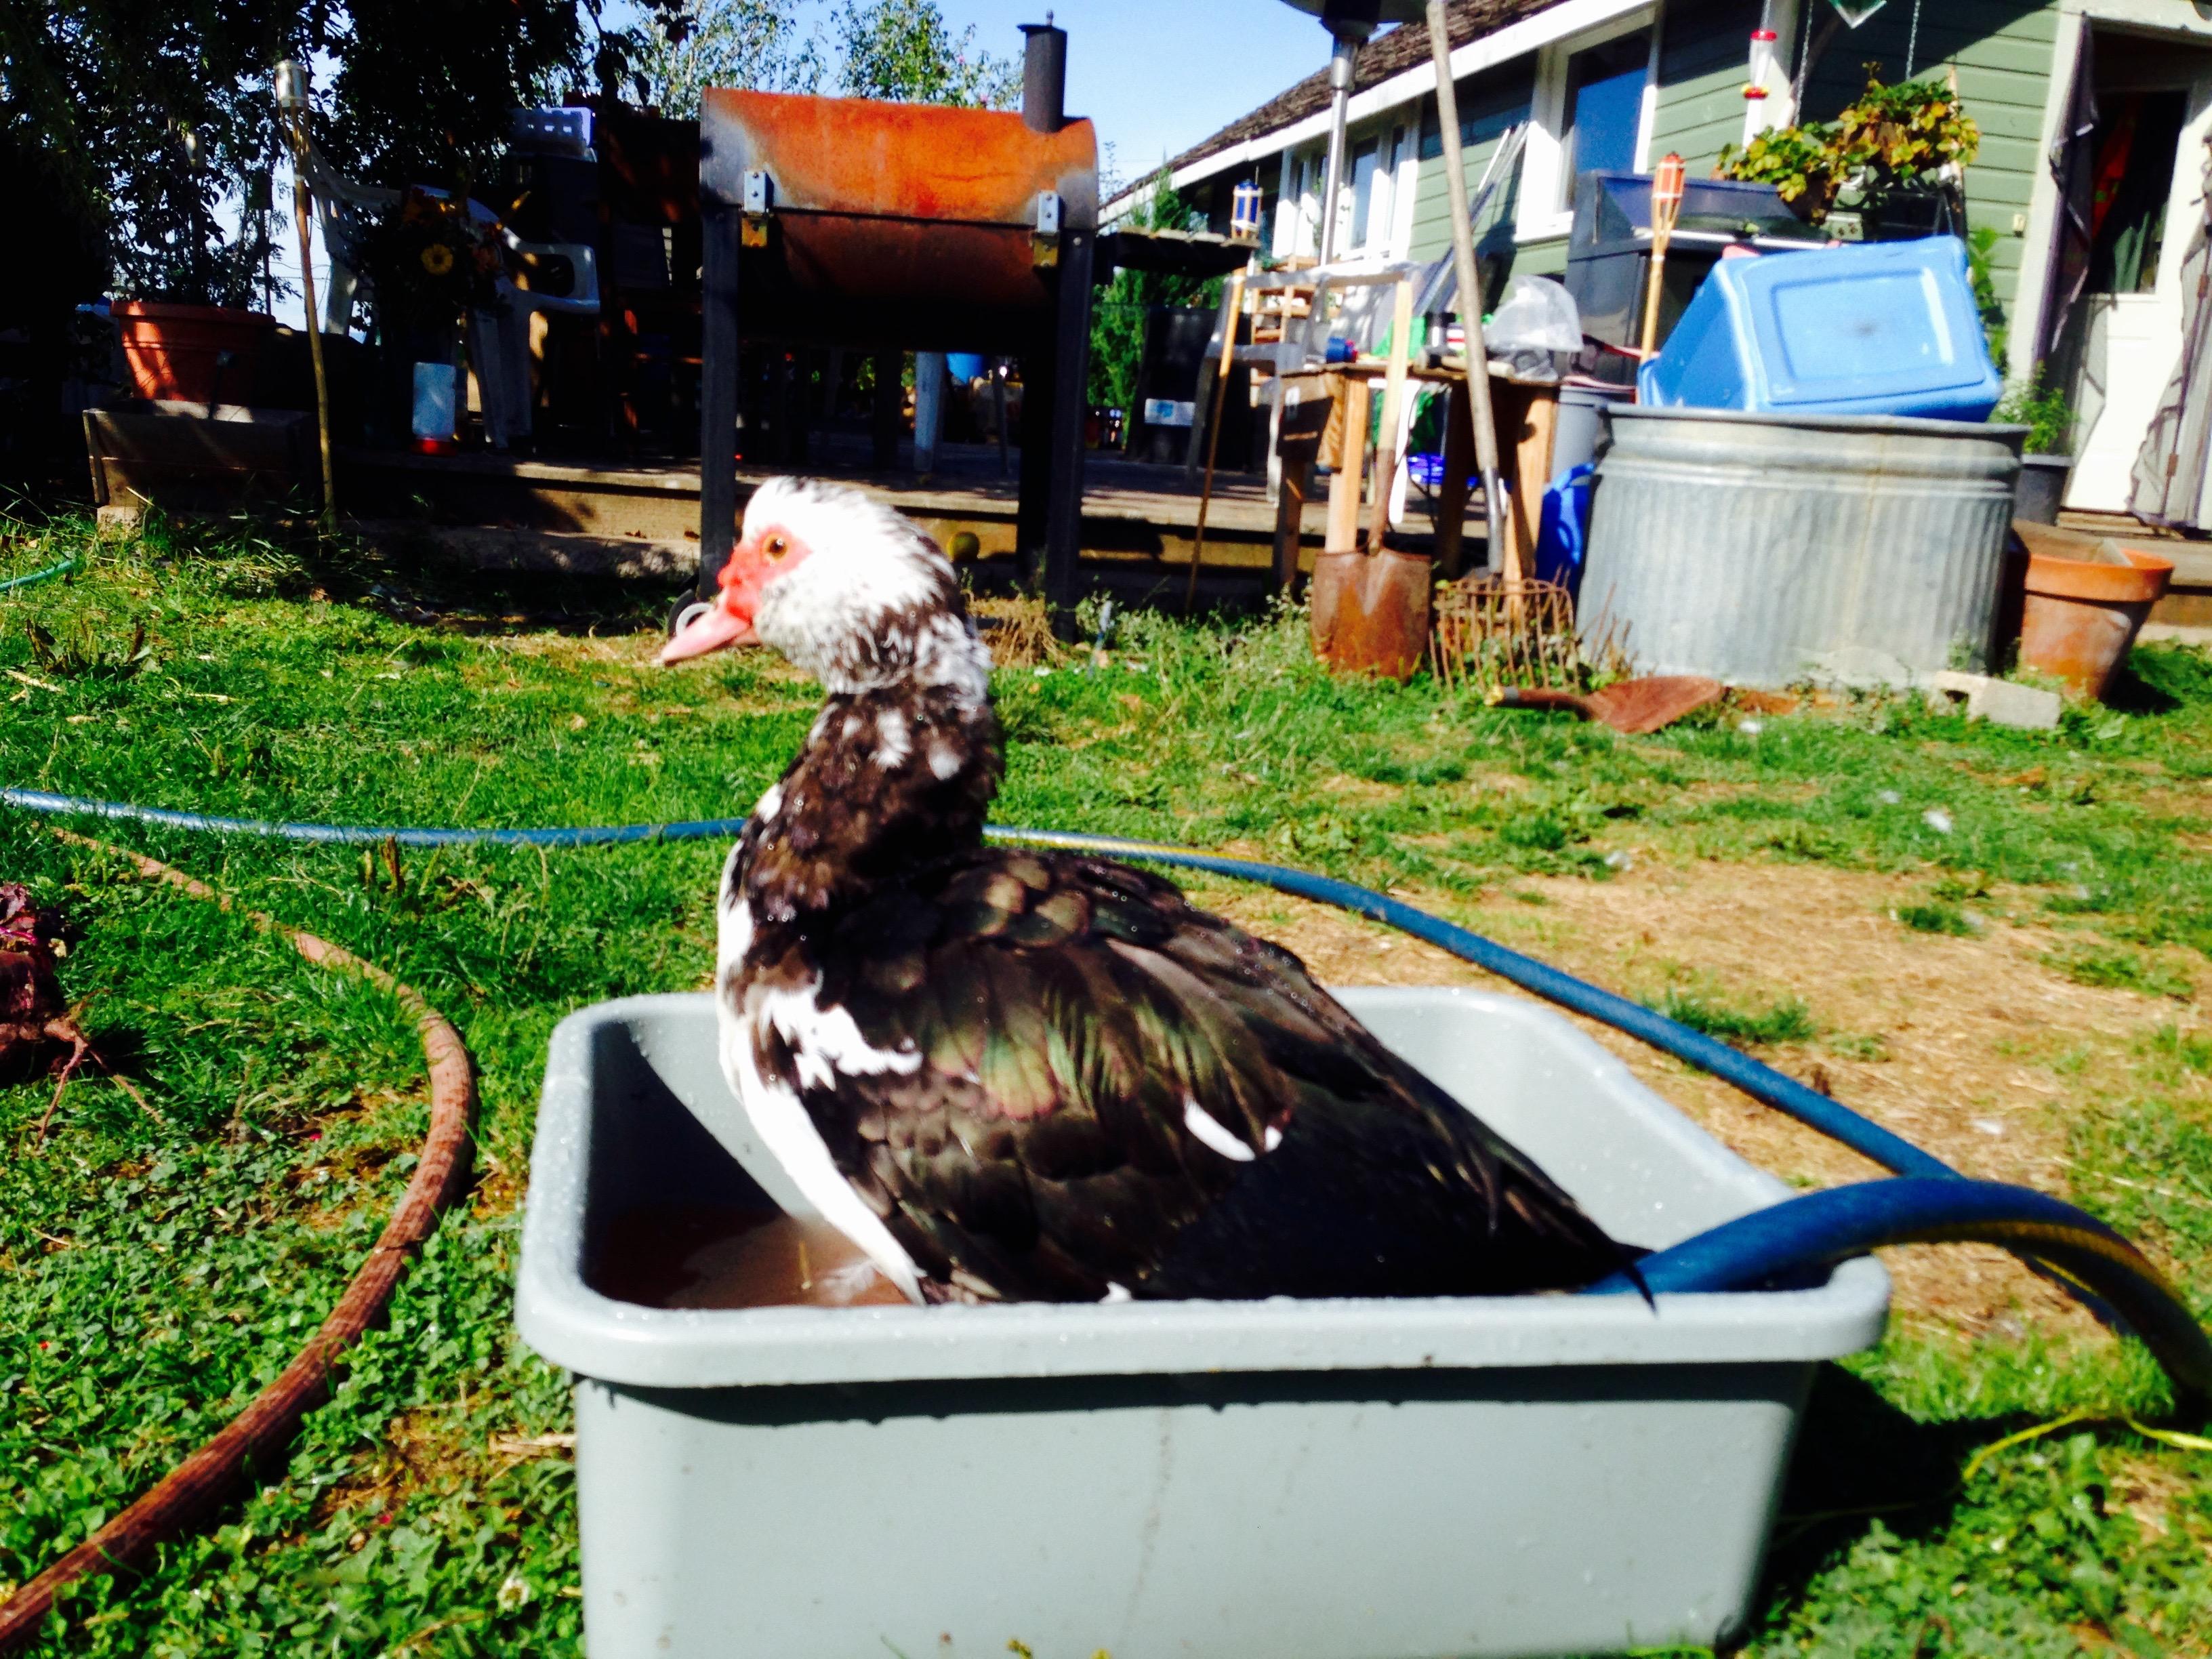 Duckbath!